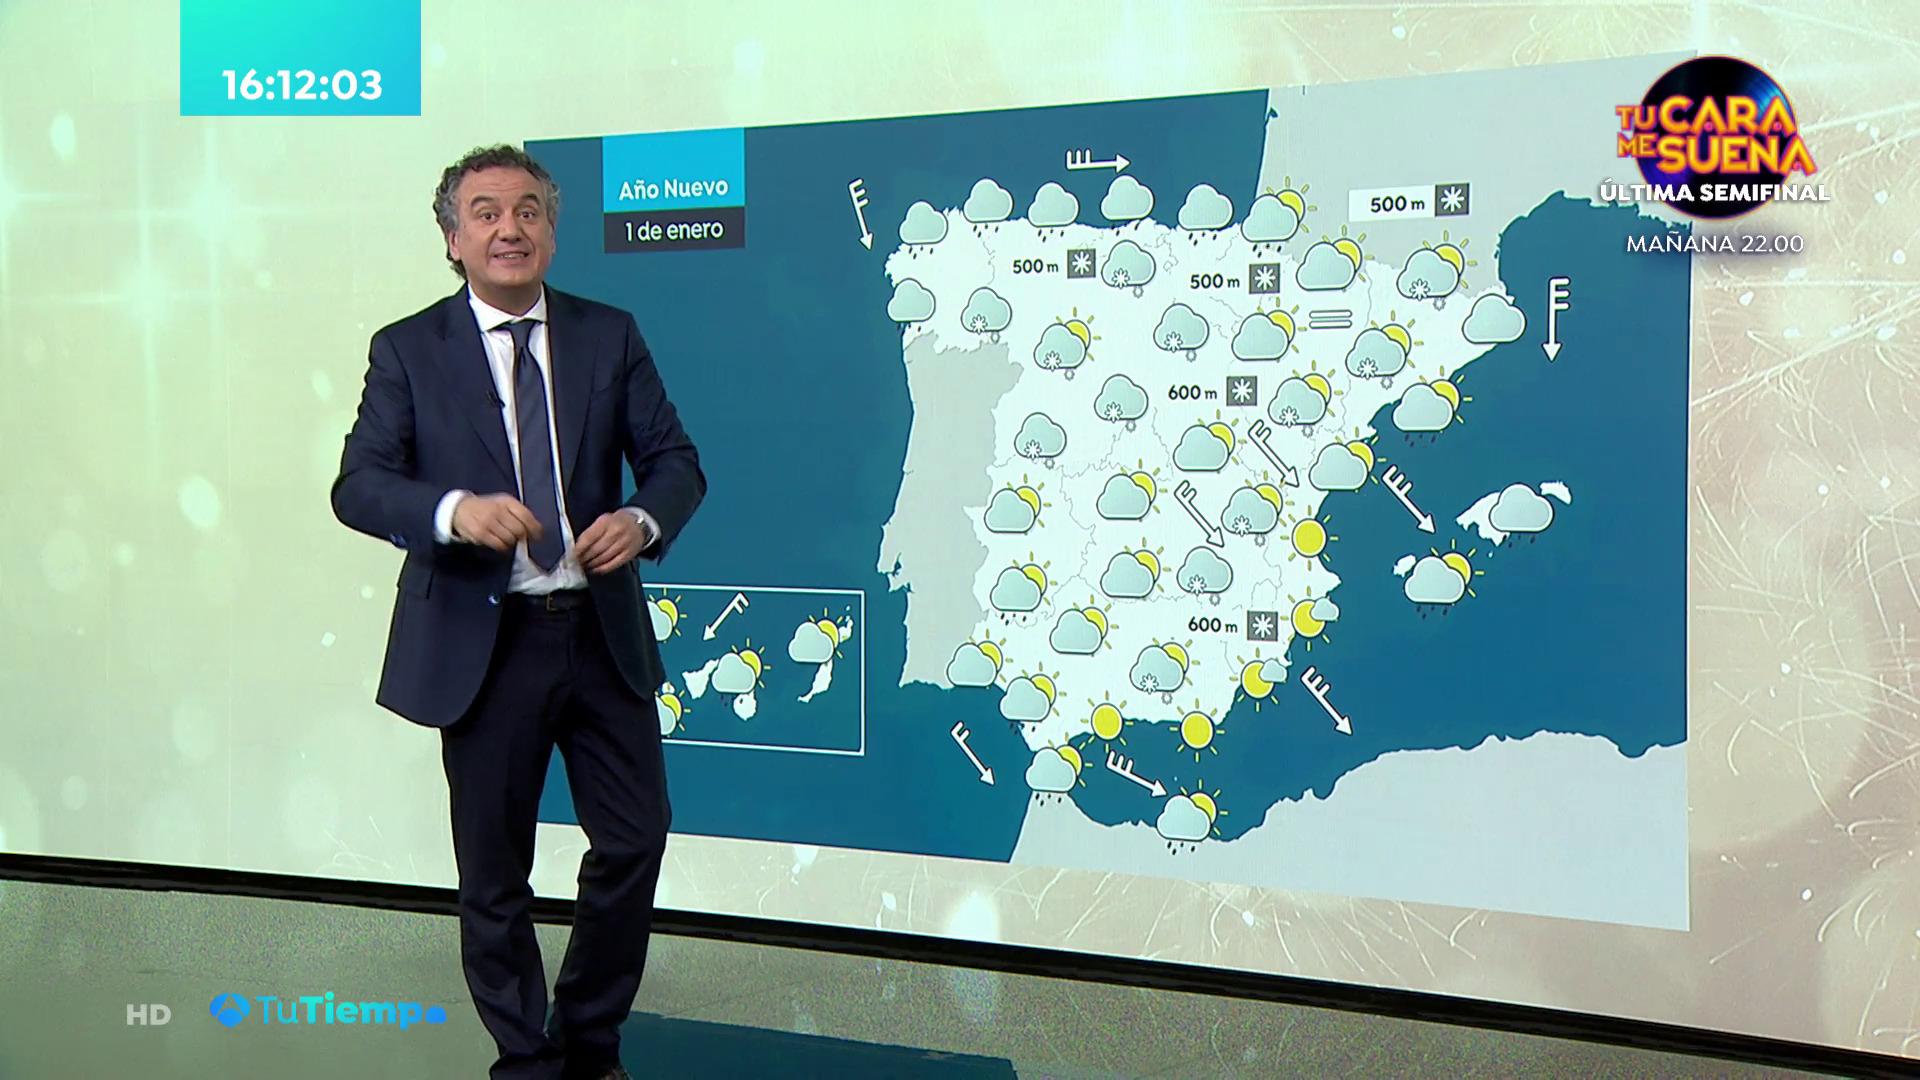 Diciembre 2020 (31-12-20) Lluvias persistentes en el Cantábrico y nevadas significativas en zonas altas del norte y centro peninsular